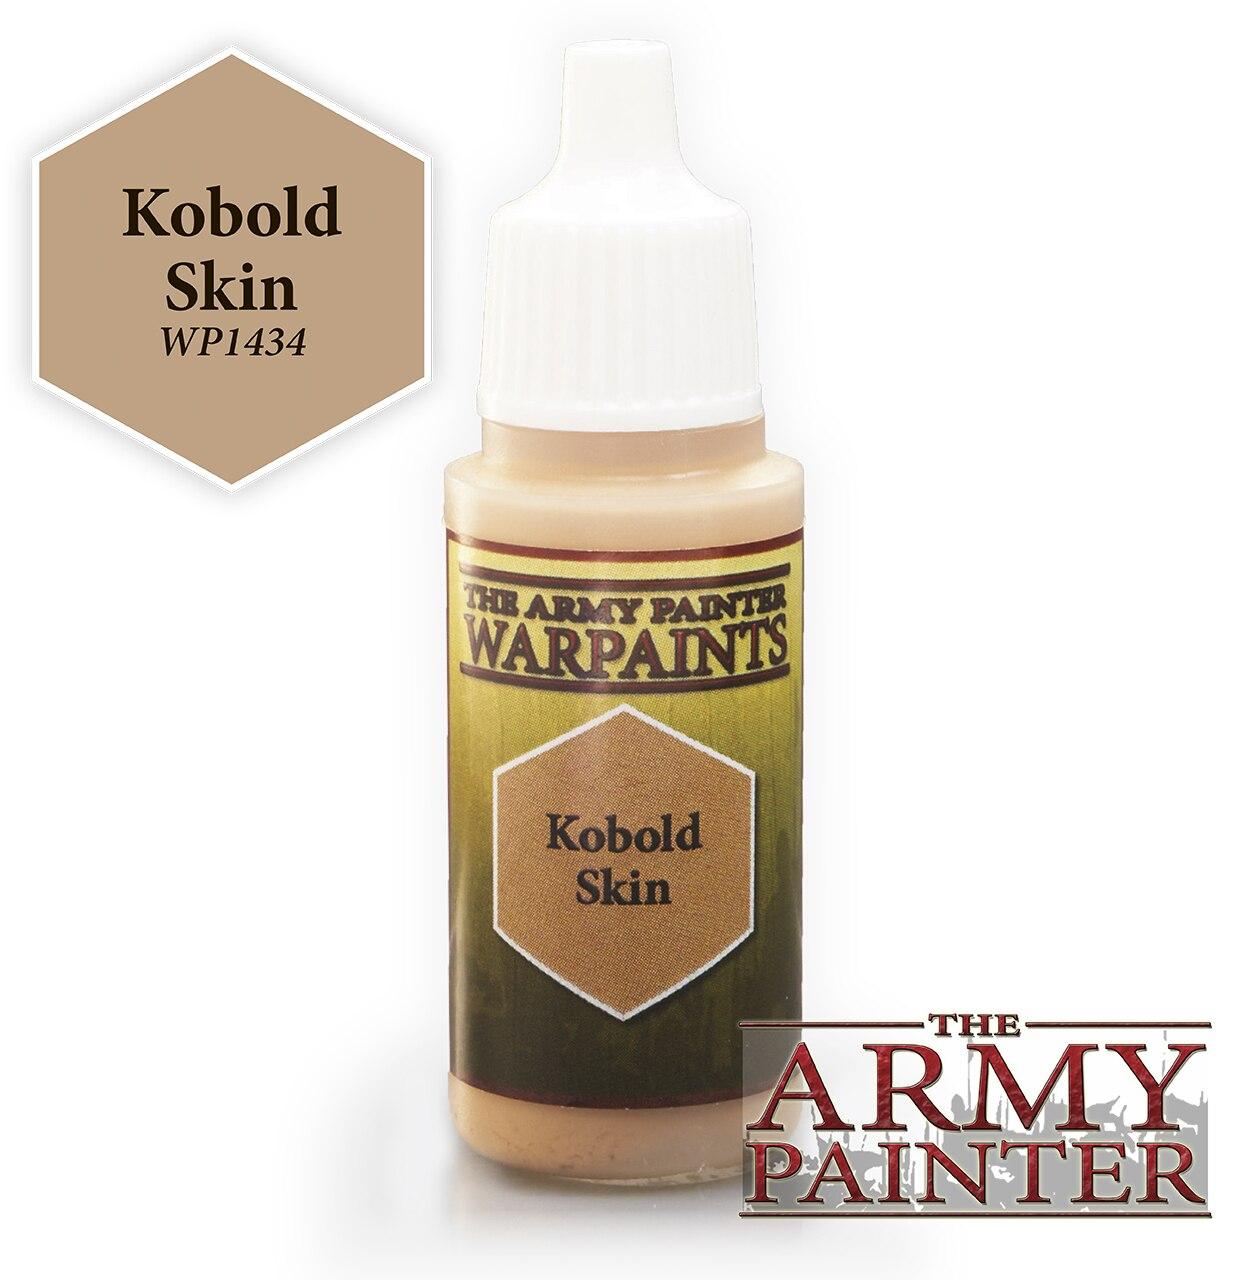 Army Painter Warpaint - Kobold Skin